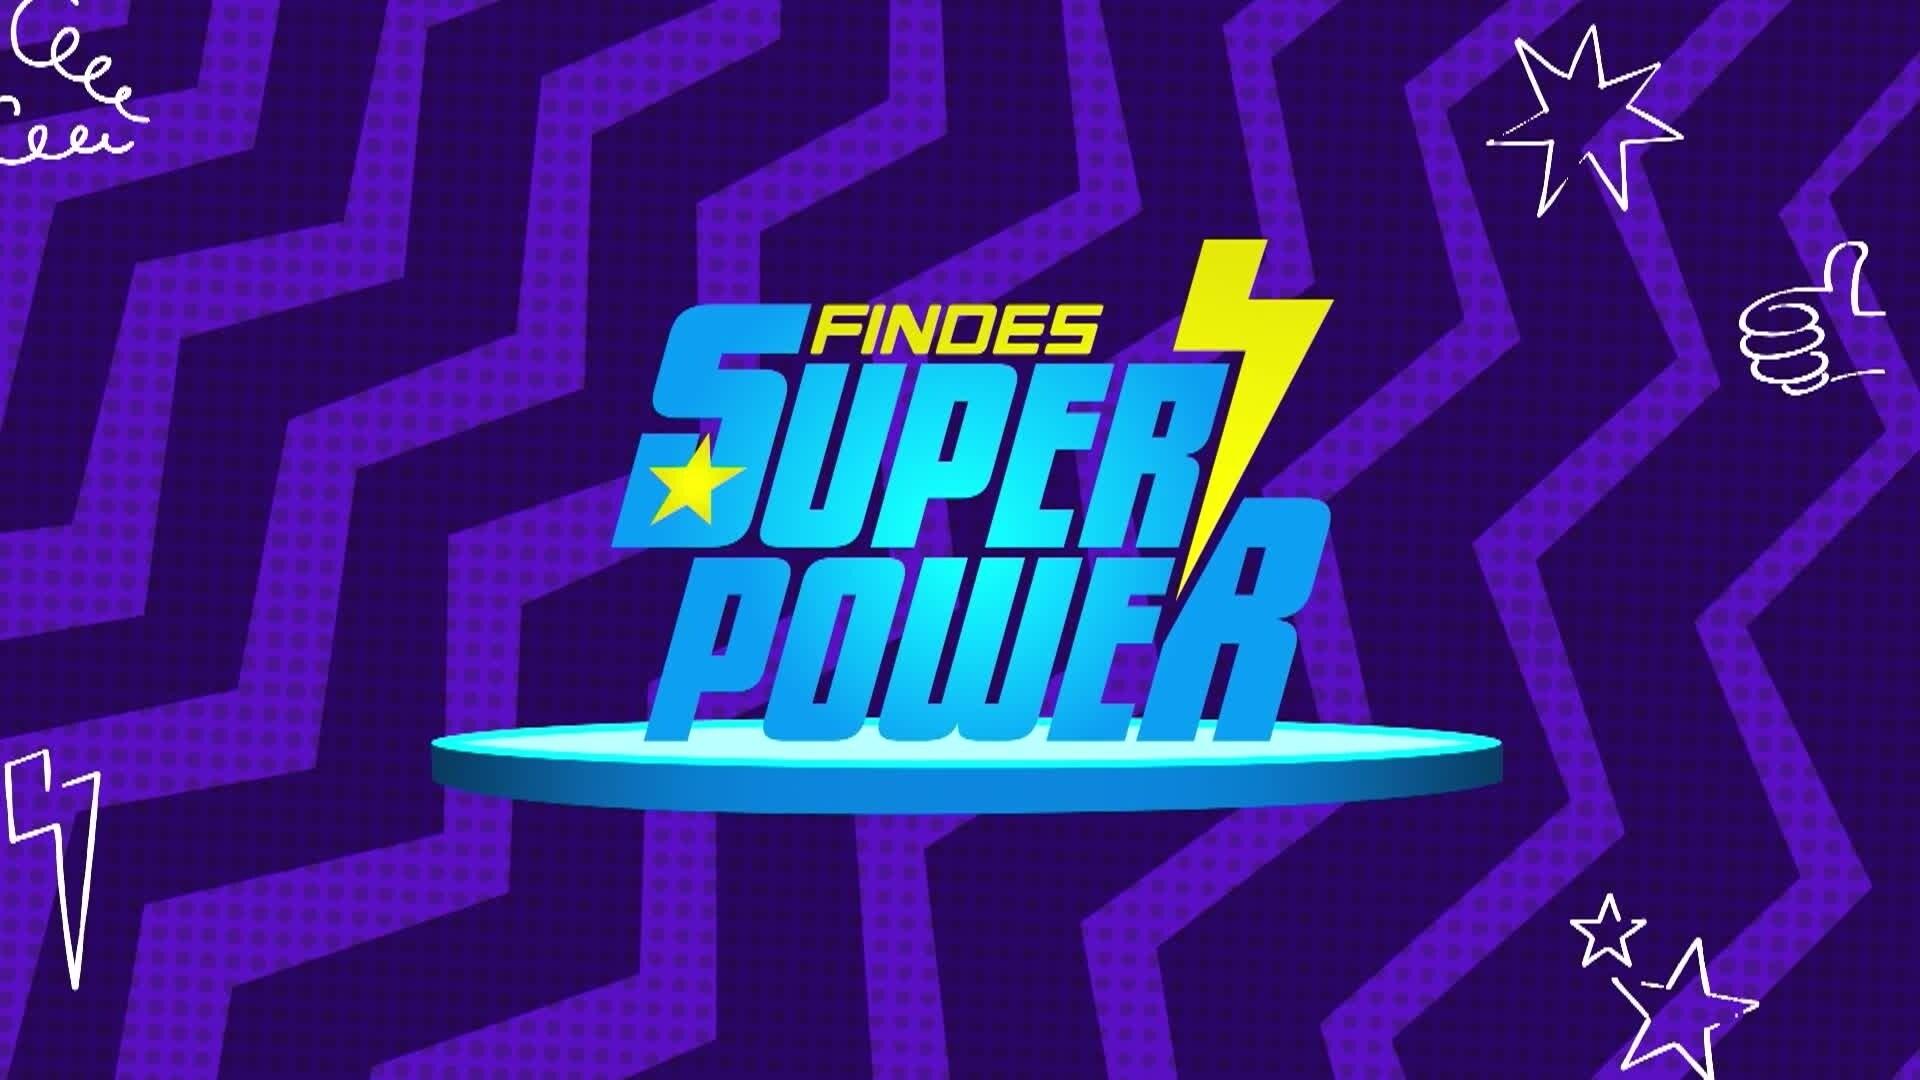 Findes superpower en Disney Channel